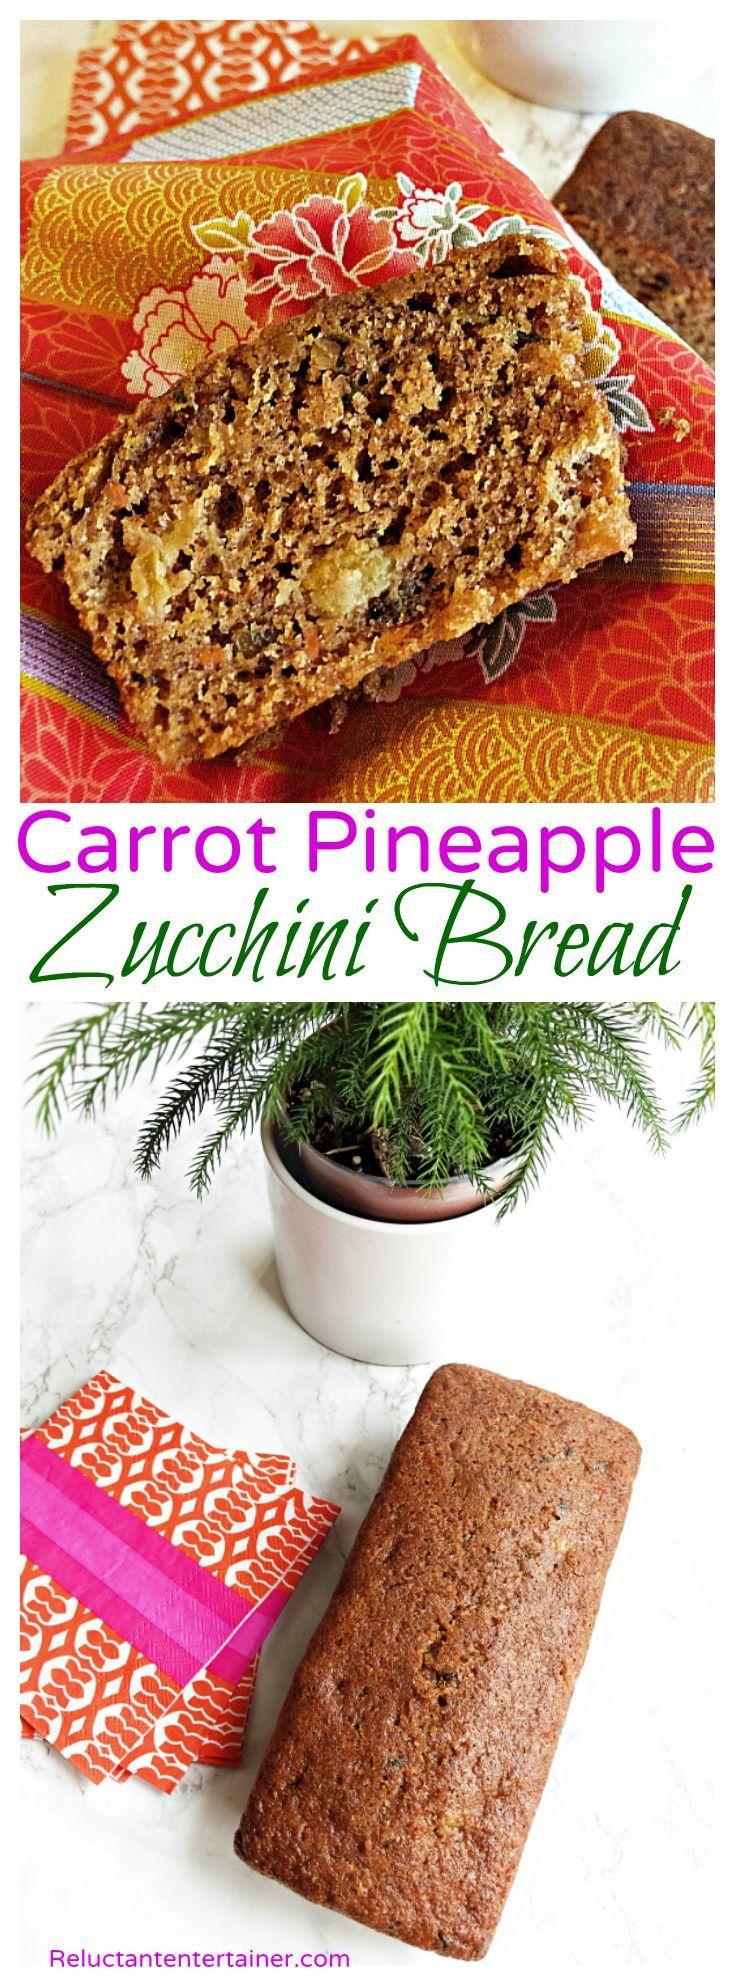 Carrot Pineapple Zucchini Bread Recipe